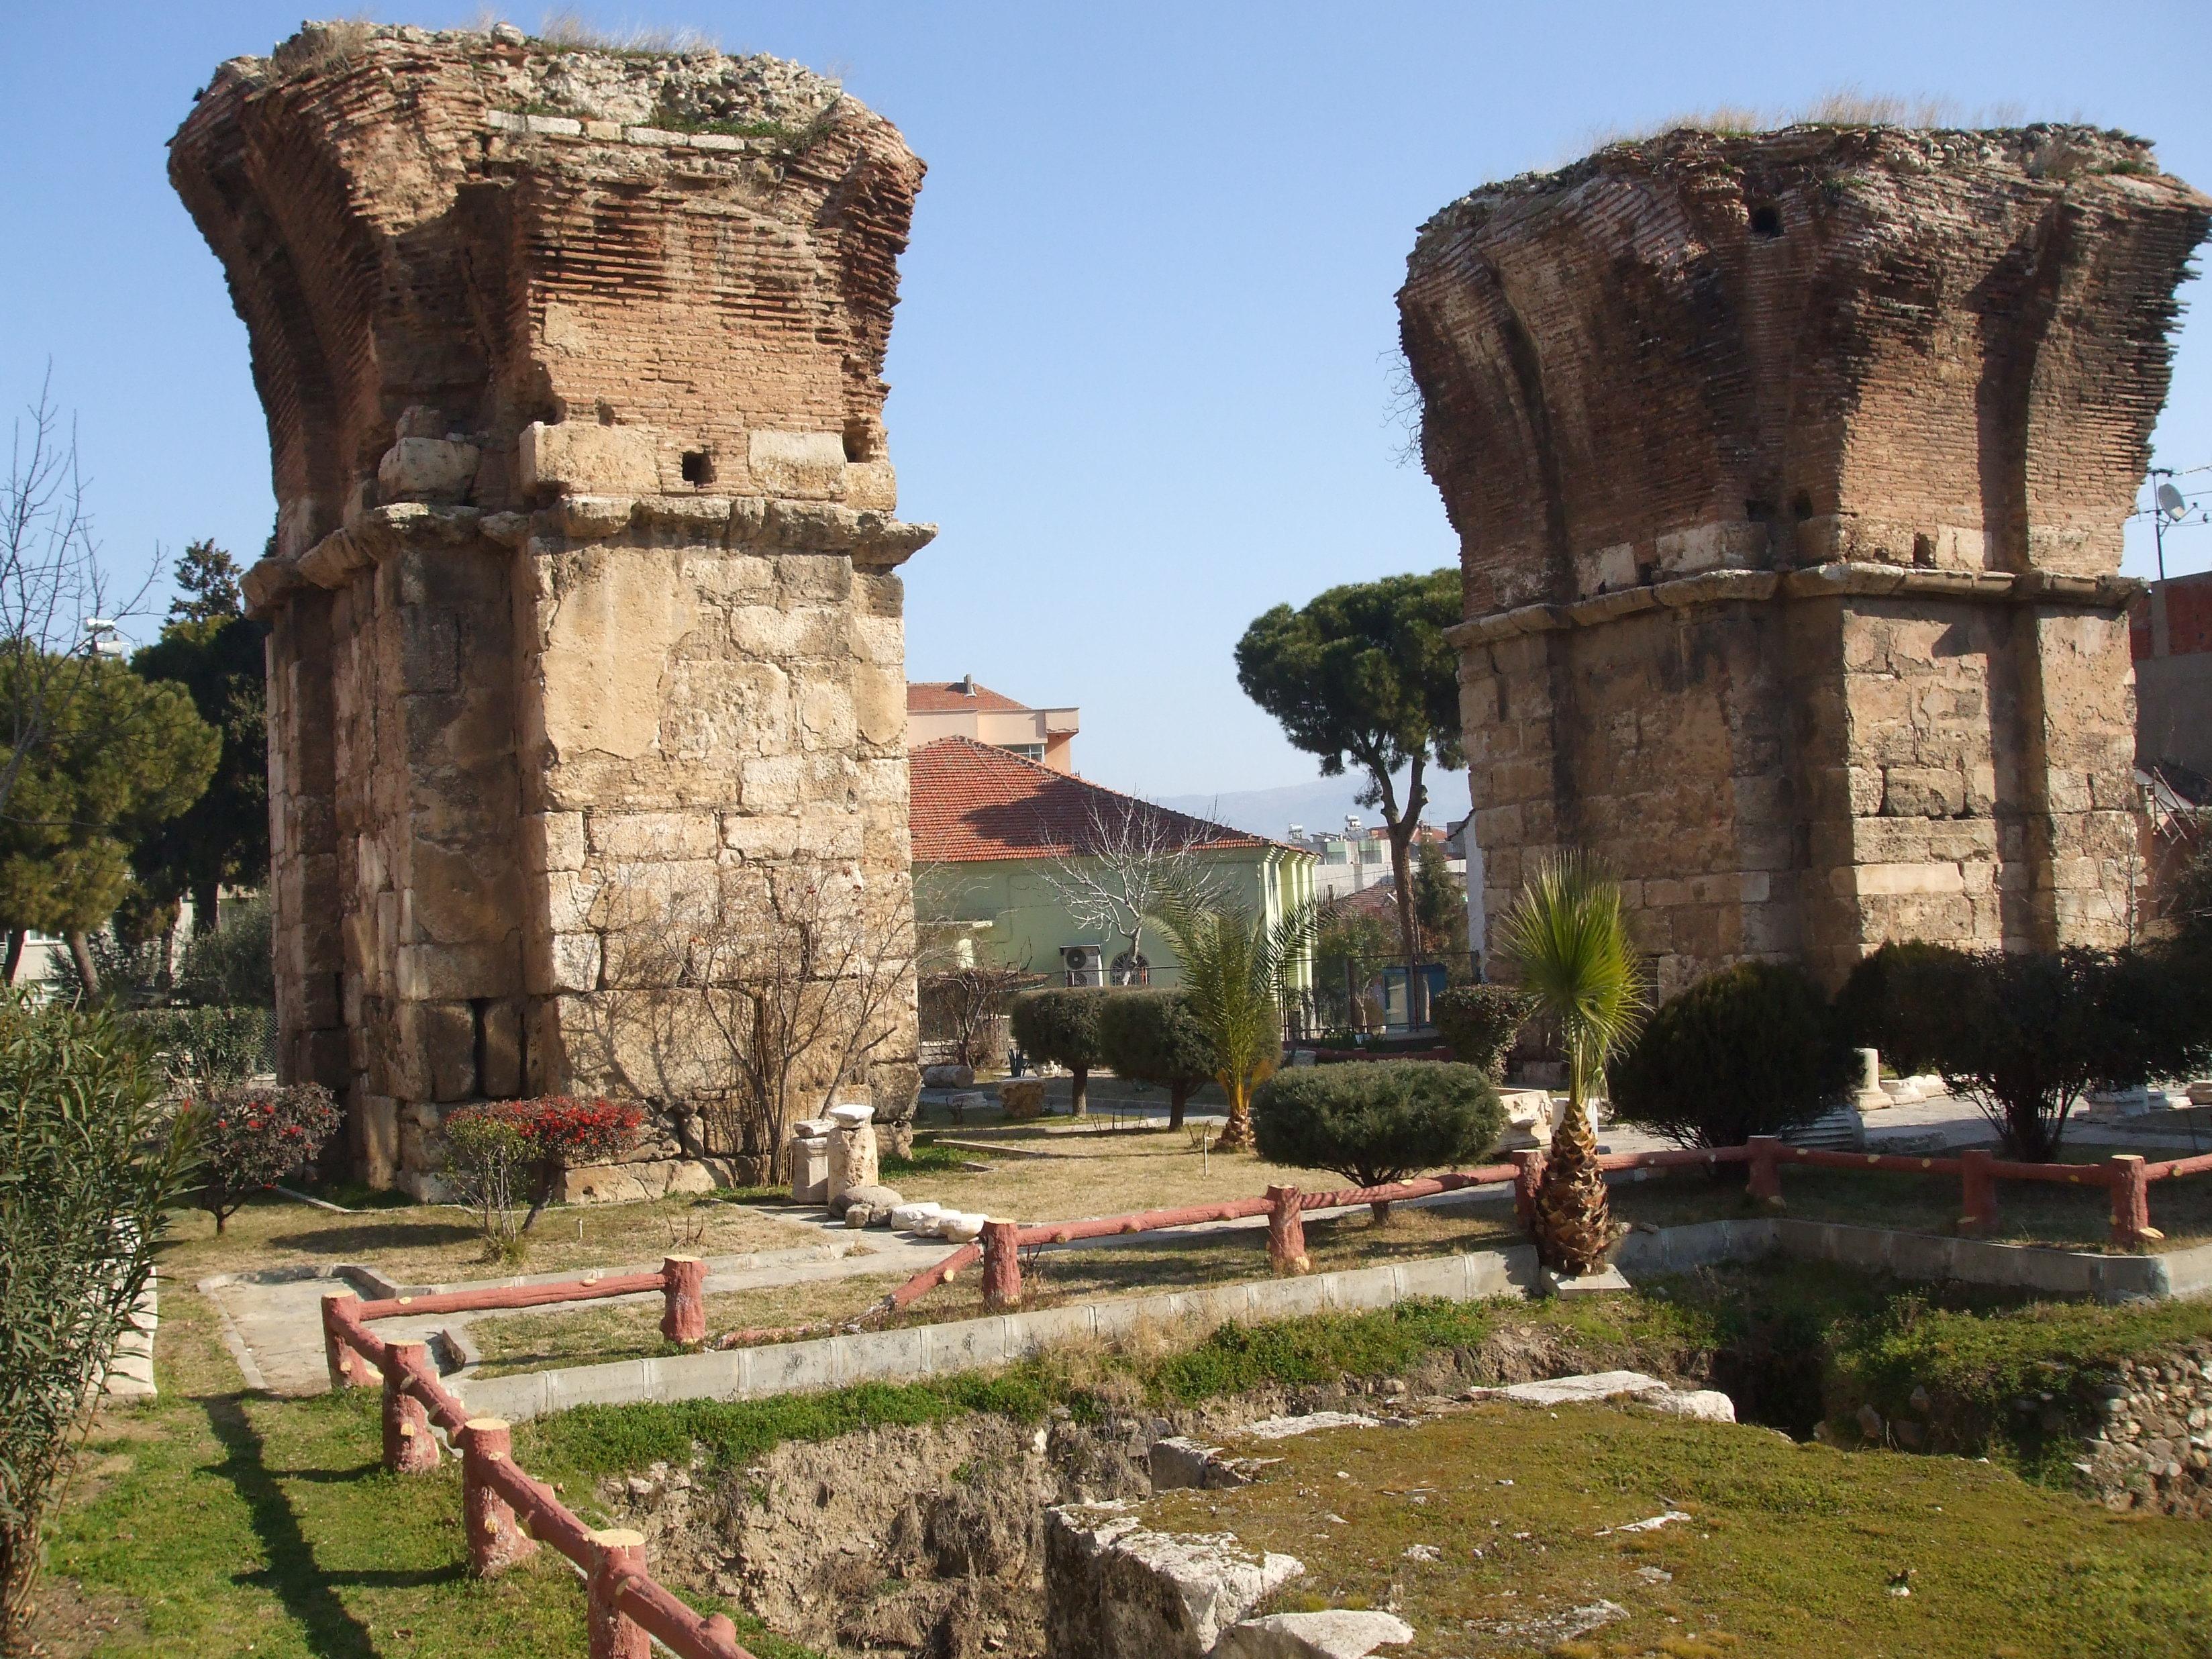 Ερείπεια του βυζαντινού ναού του αγίου Ιωάννη στην Φιλαδέλφεια (περ. 600 μ.Χ.).